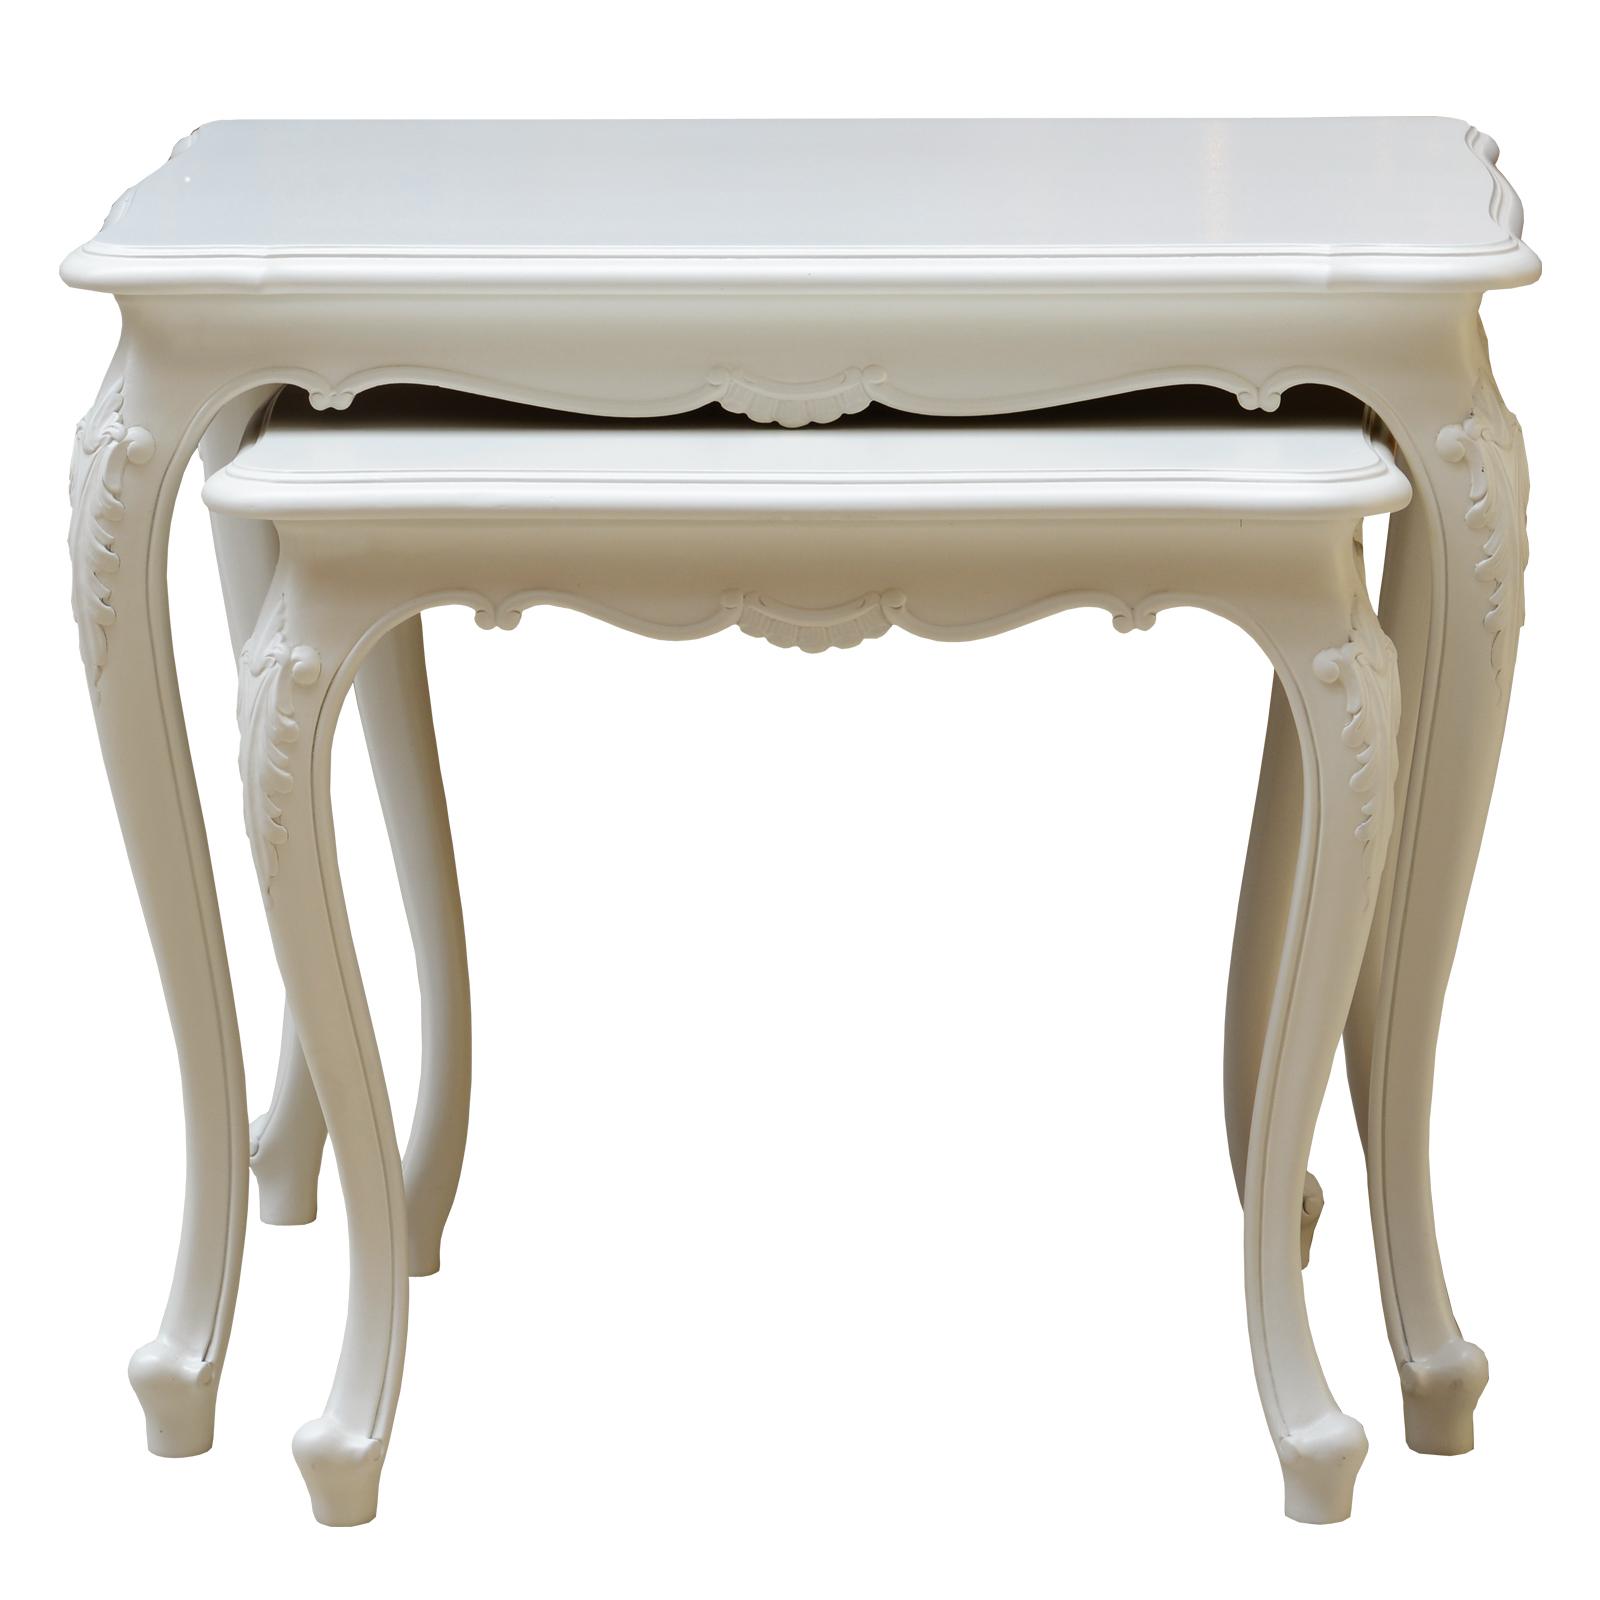 Wunderschönes Chippendale-Möbel in frischem Weiß eine Bereicherung für Ihr Wohnambiente. *****Hochwertiges aus zweiter Hand bei Phönix Schöner Leben*****